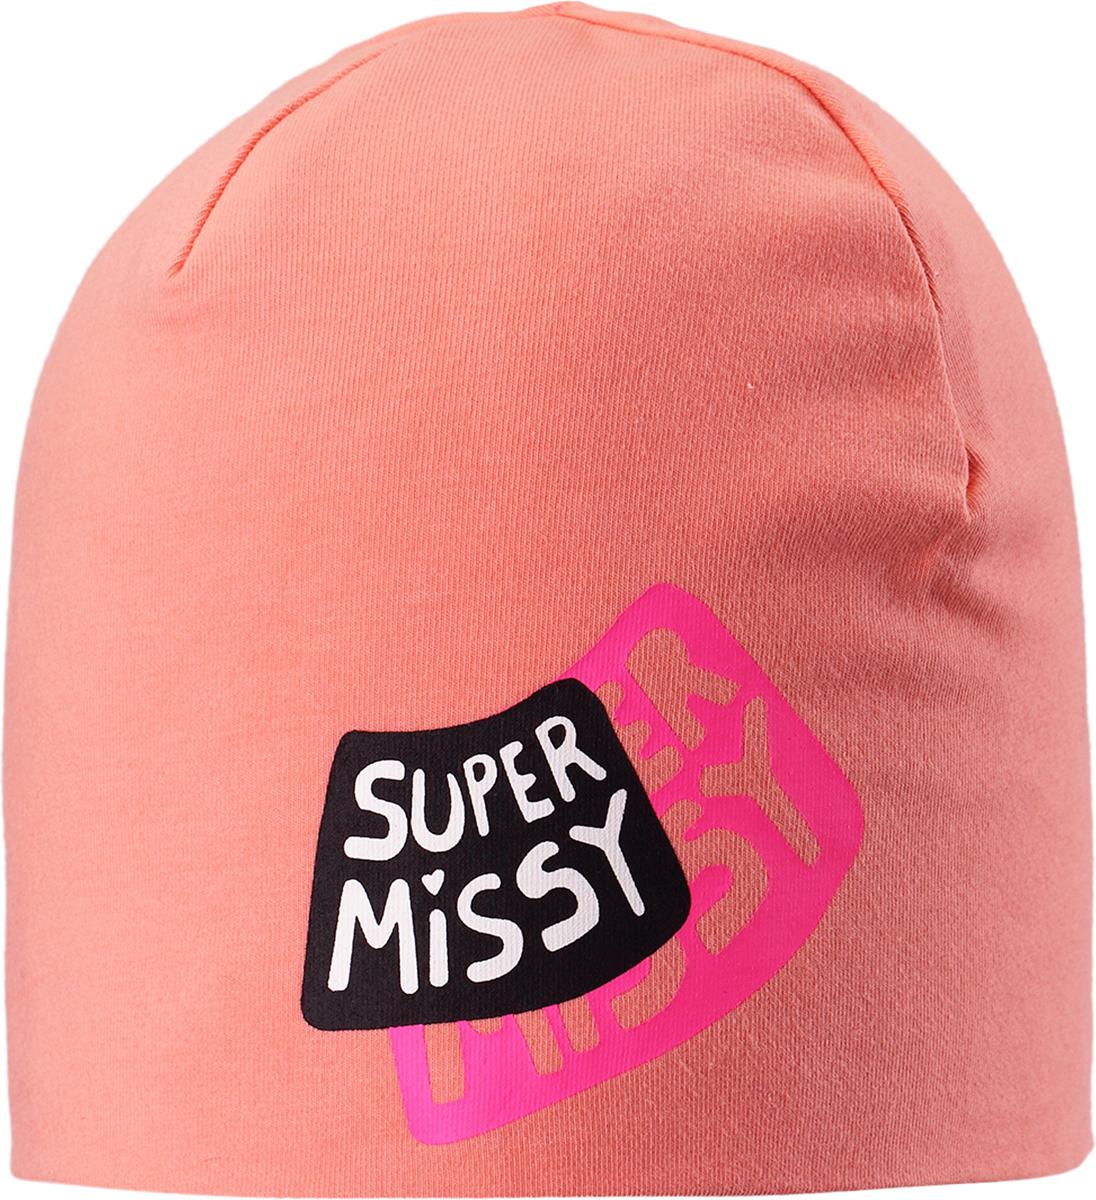 Шапка для девочки Lassie, цвет: персиковый. 7287353200. Размер 54/567287353200Классная шапка для детей в лучших сезонных расцветках! В качестве материала для верха и подкладки использован эластичный, гладкий и удивительно мягкий на ощупь хлопковый джерси.